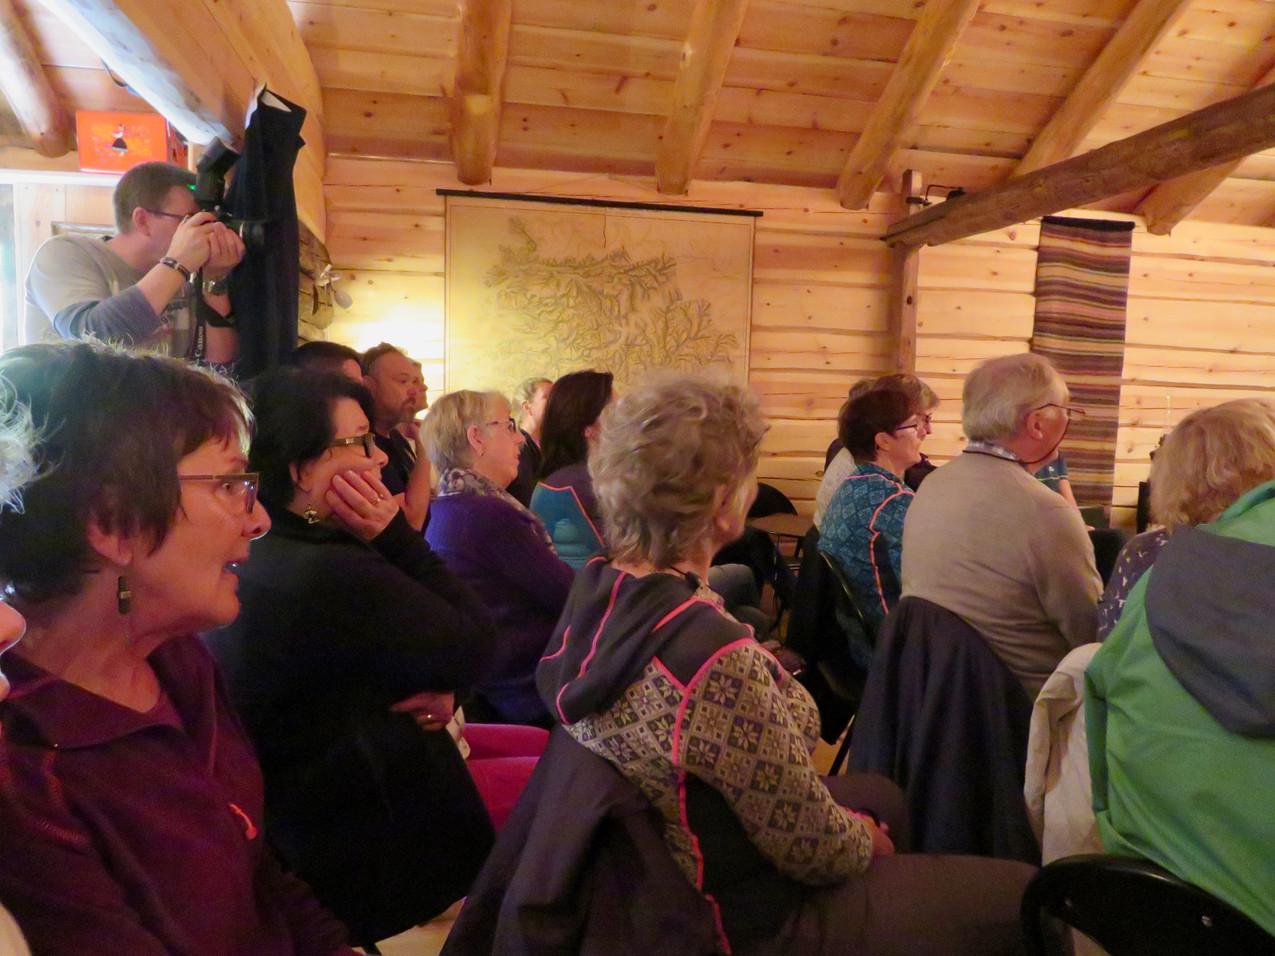 Publikum i scenerommet fra siden